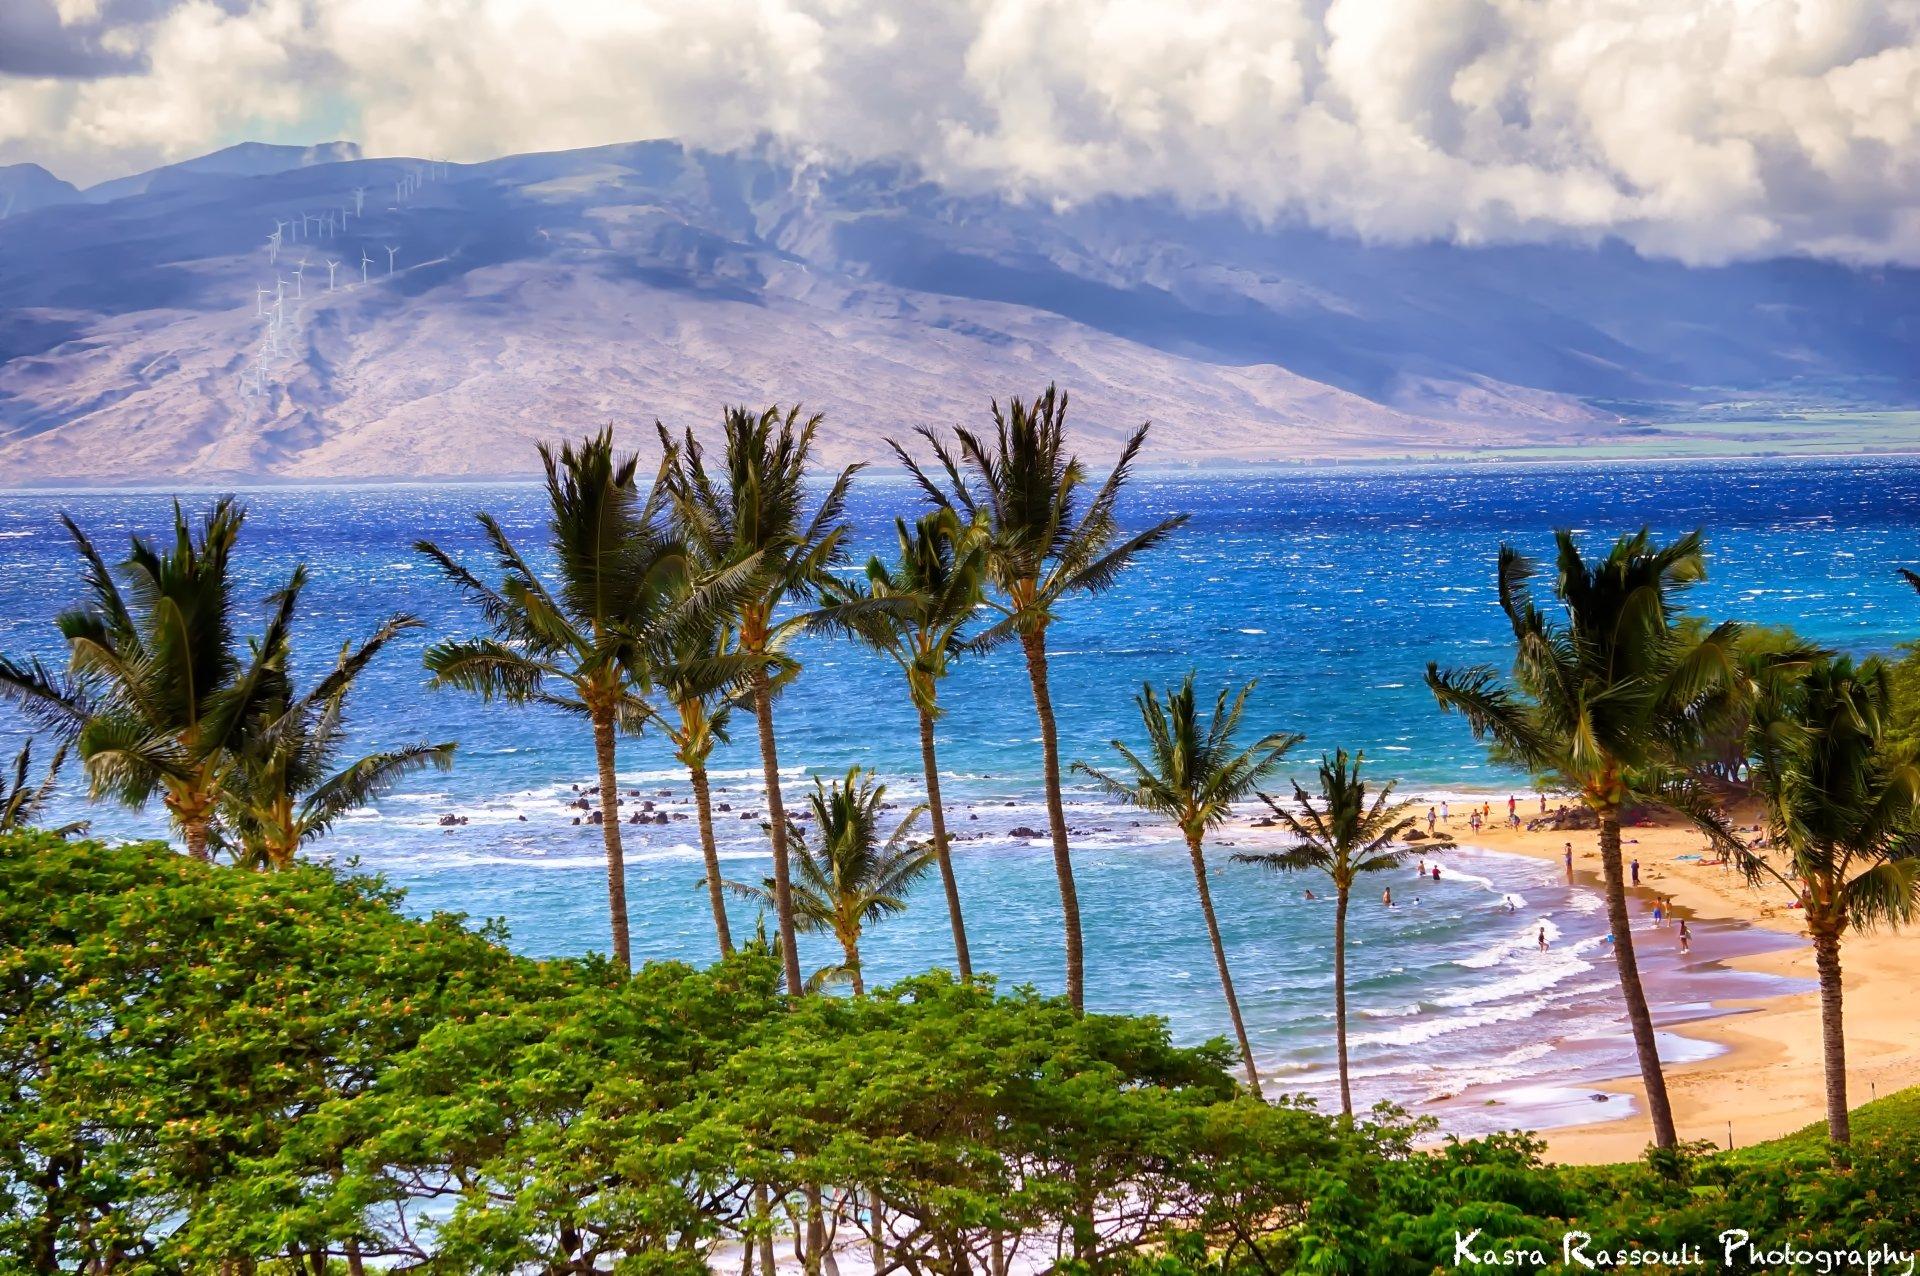 Palm Tree Beach 4k Hd Desktop Wallpaper For 4k Ultra Hd Tv: Palm Trees On The Beach 4k Ultra HD Wallpaper